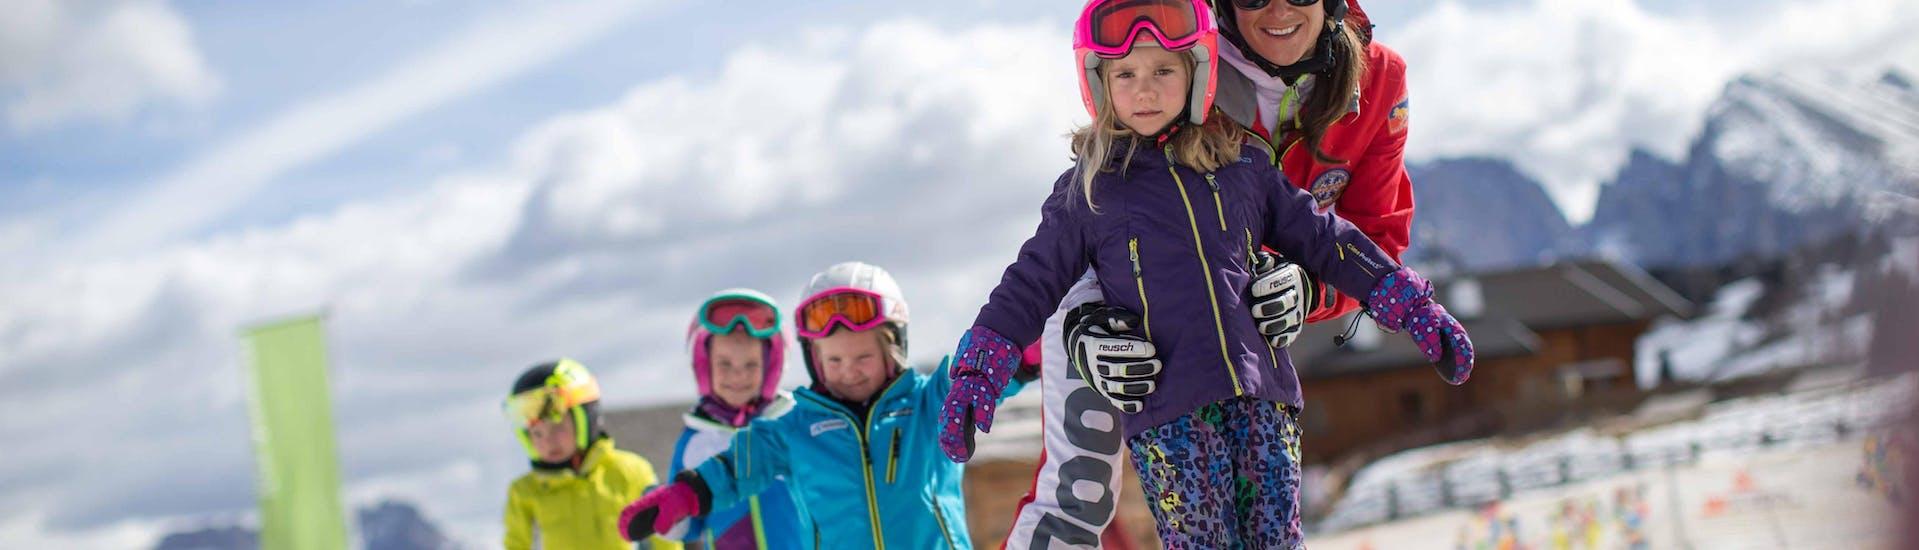 Curso de esquí para niños con experiencia